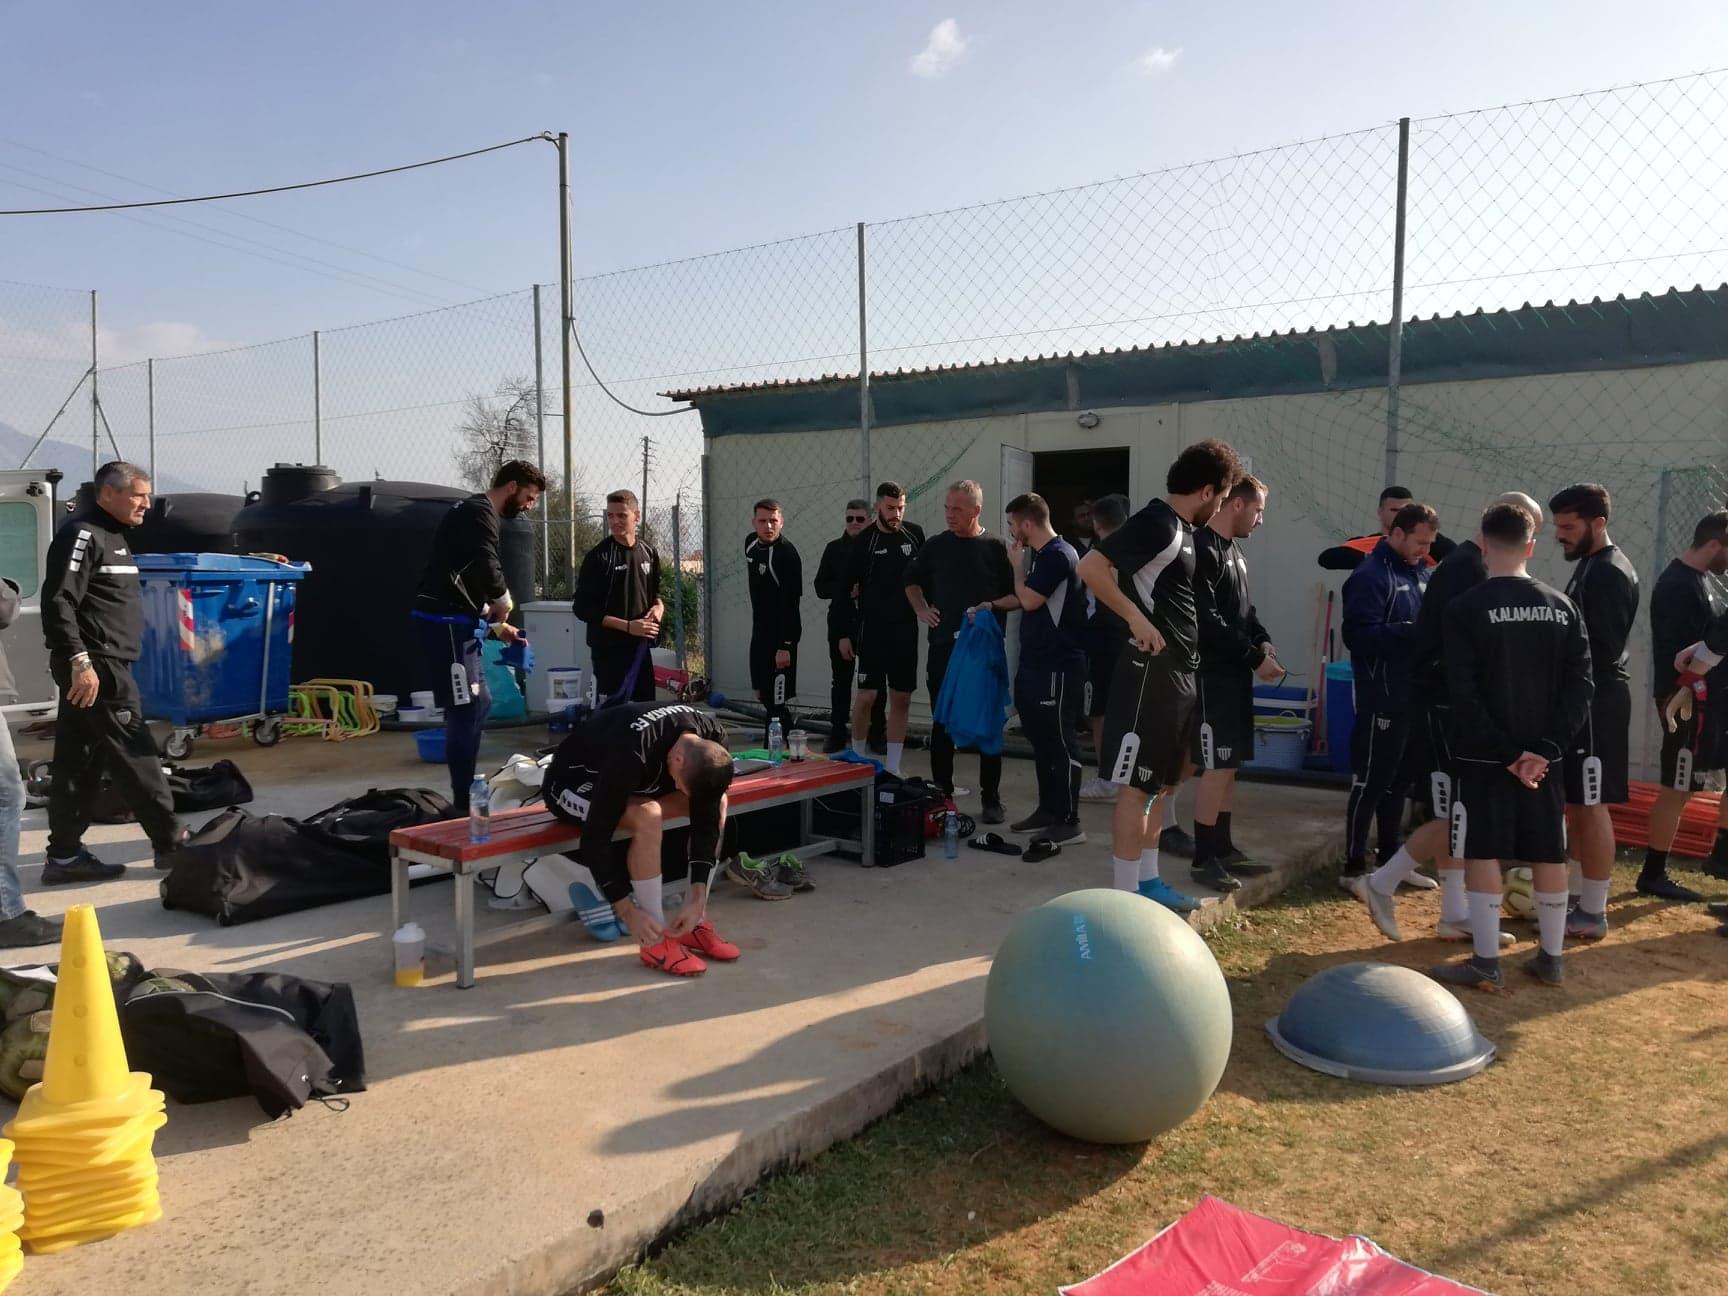 Καλαμάτα: Με 19 ποδοσφαιριστές η αποστολή στην Αθήνα